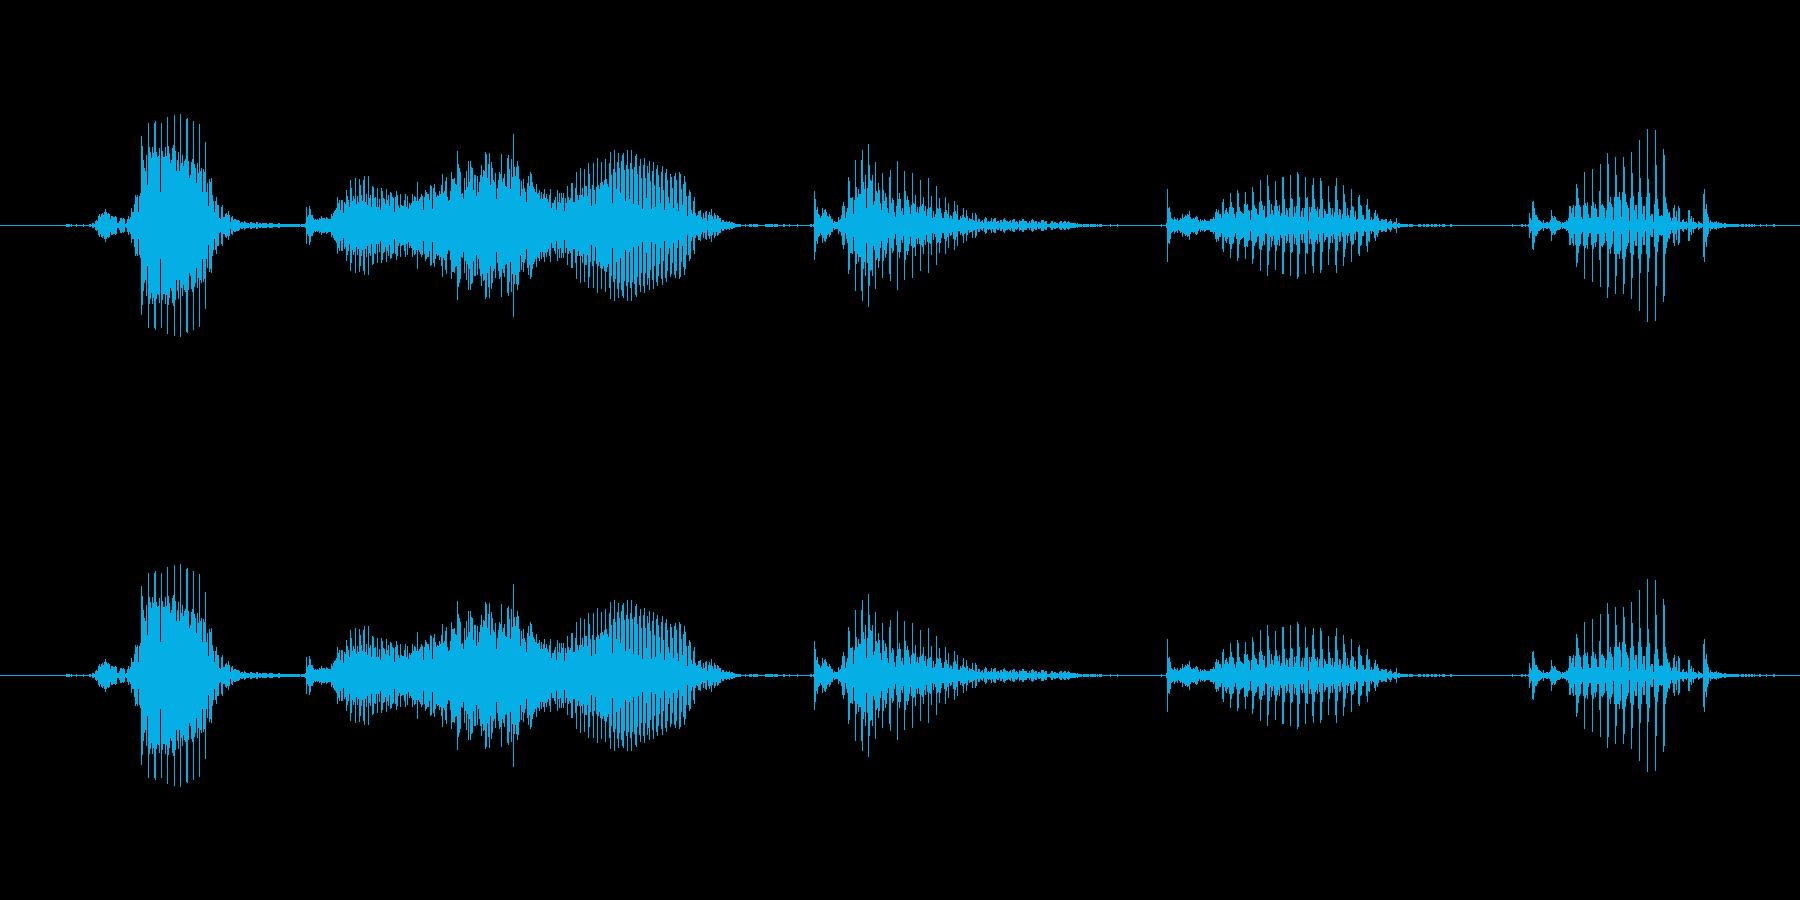 【日数・経過】6週間経過の再生済みの波形